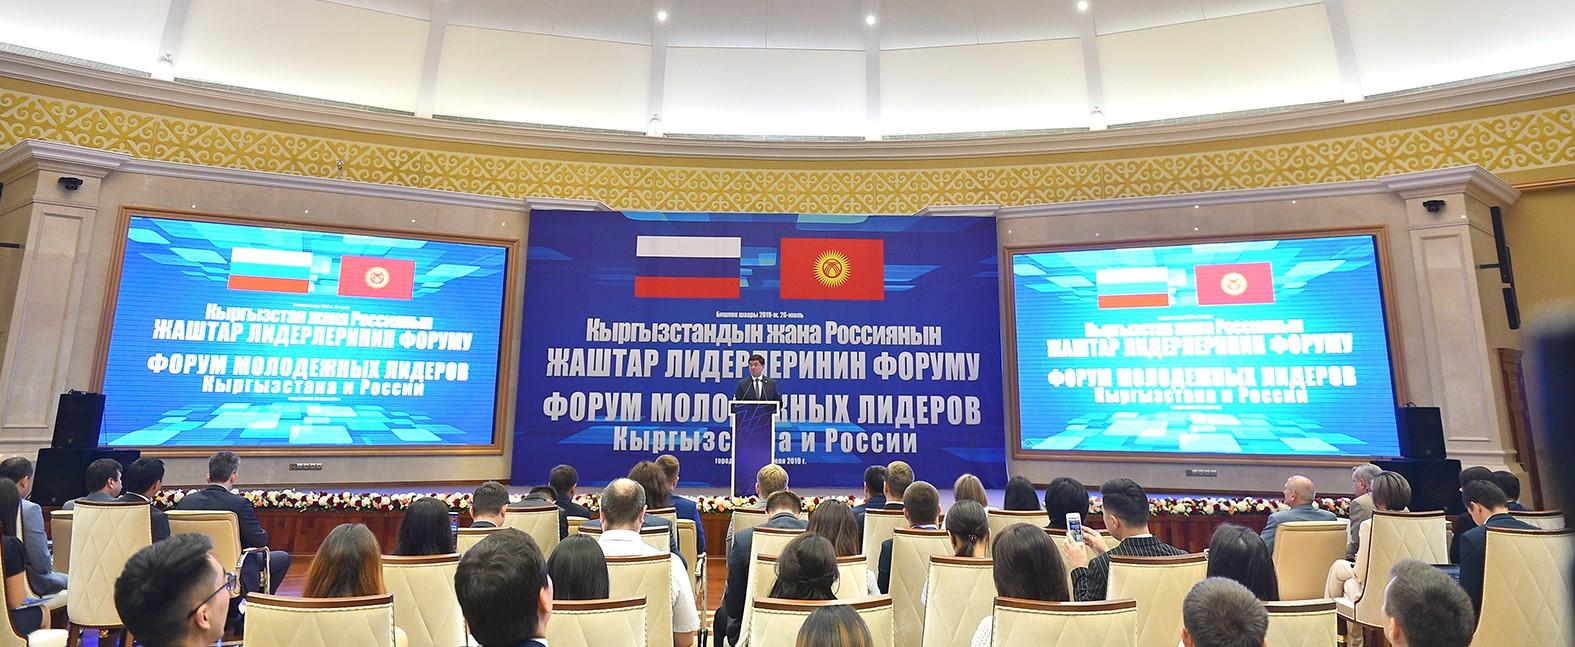 Стратегическая формула: Кыргызстан + Россия = Достук!